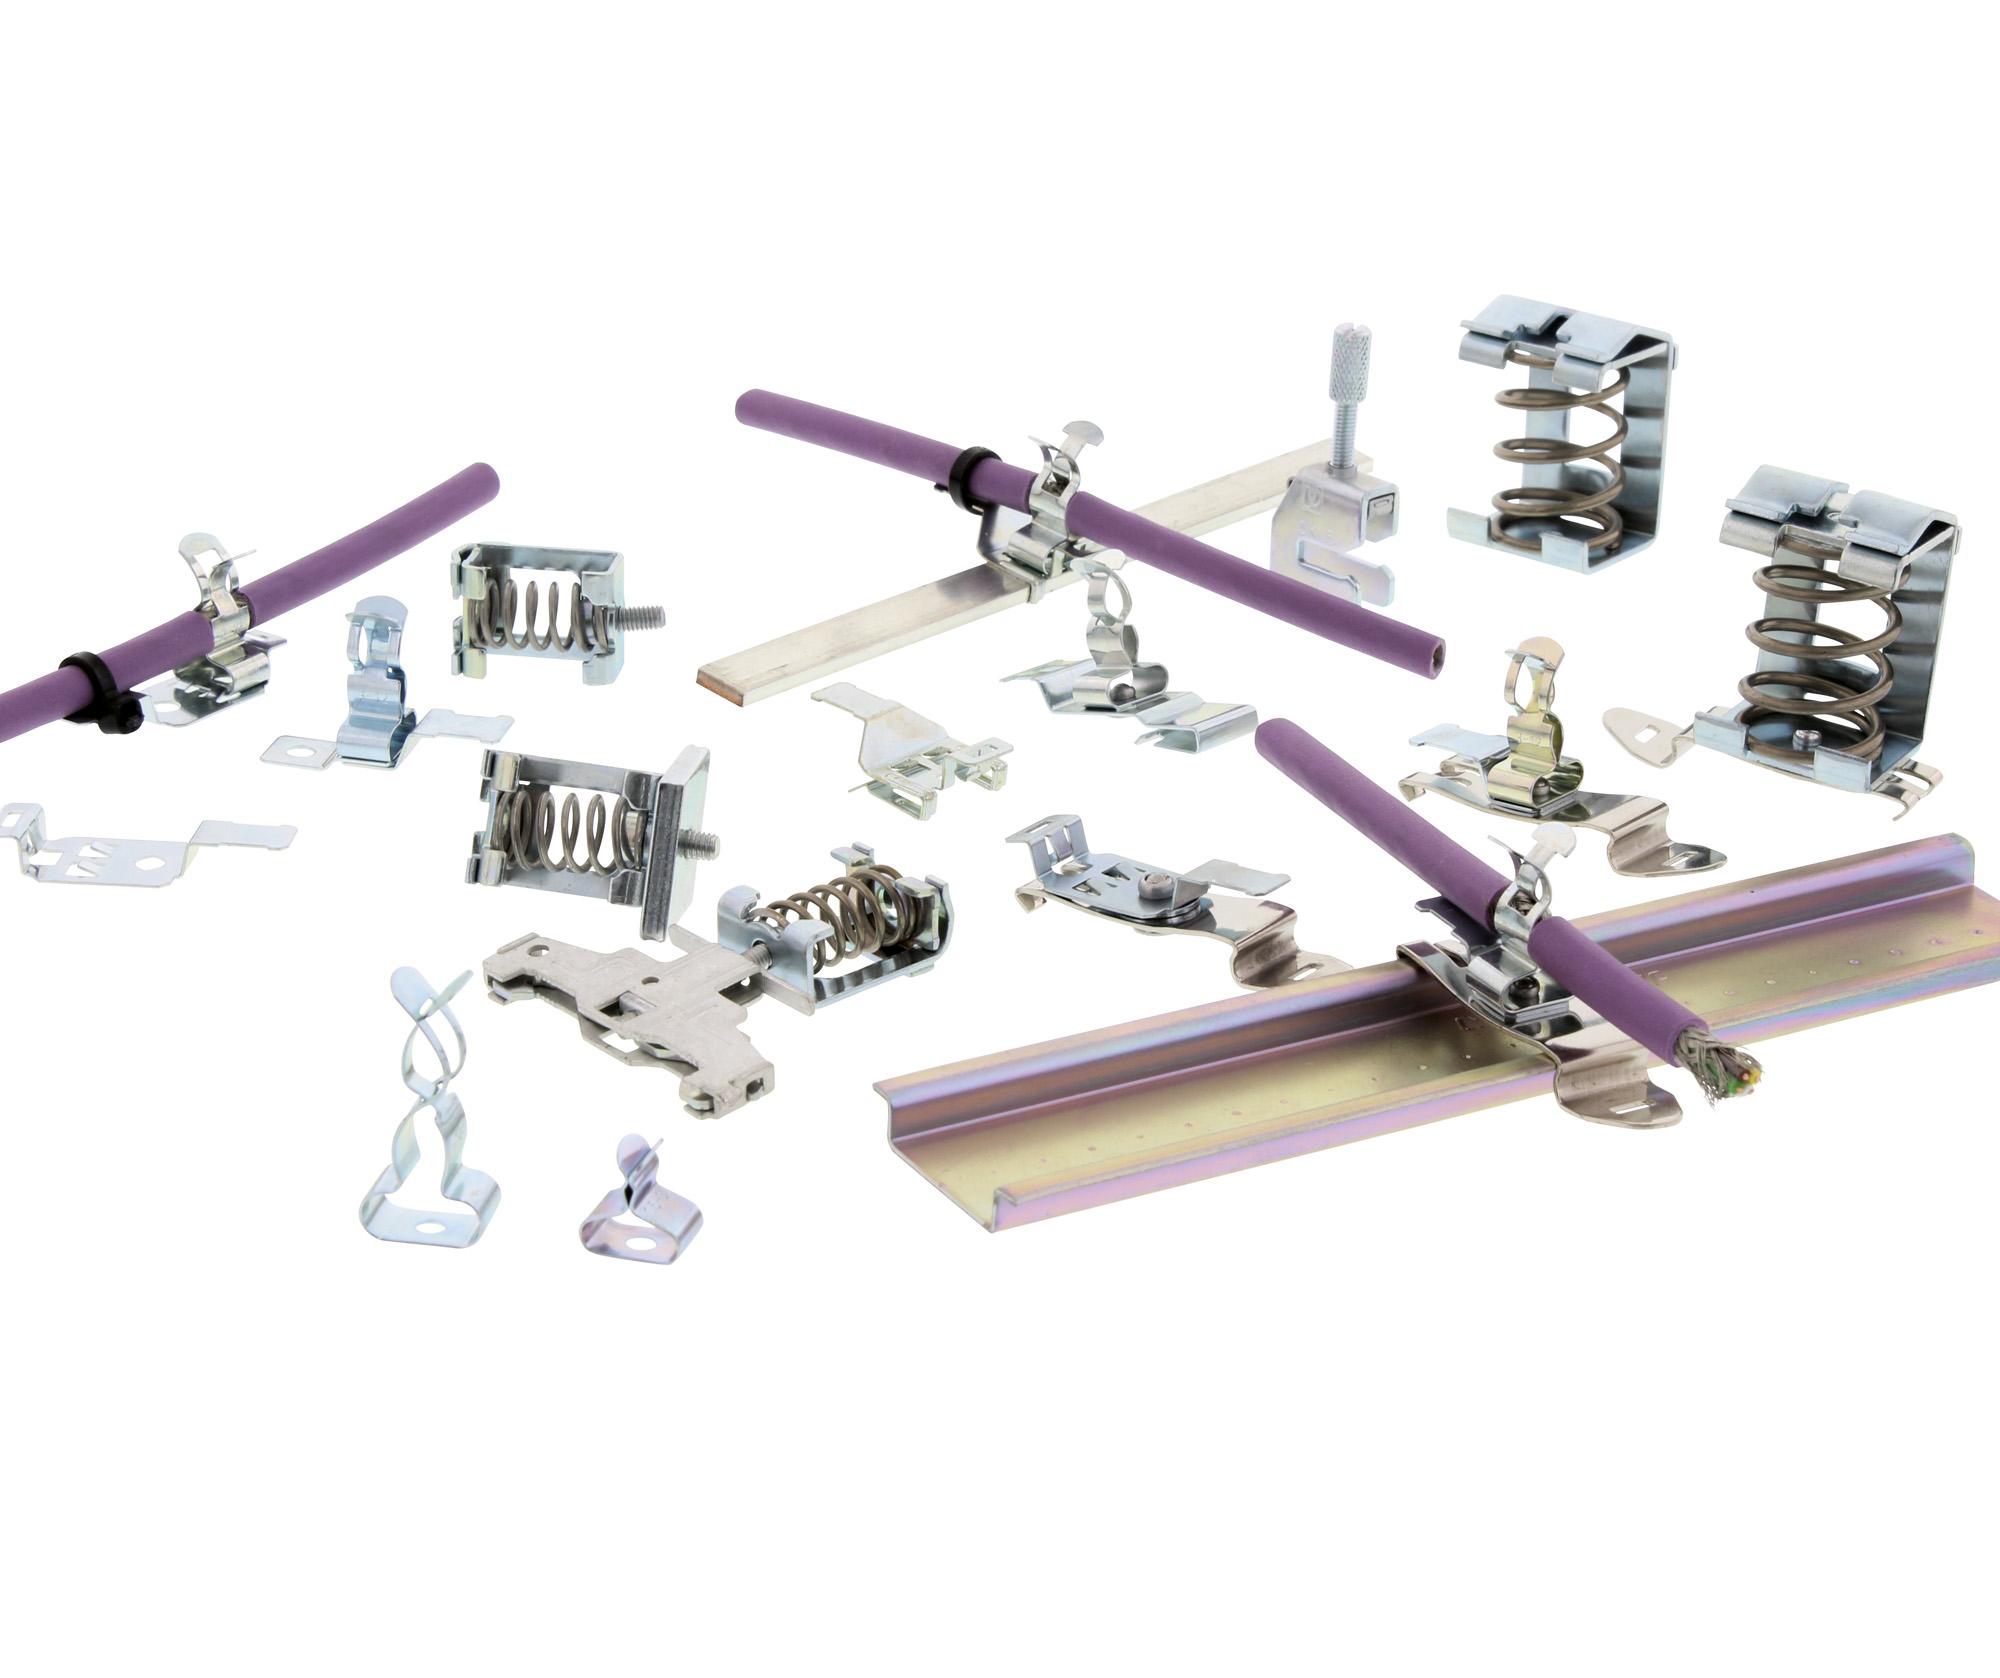 Das SAB-Programm umfasst Schirmanschlussbügel mit Schraub- oder Federkontaktierung, Schirmanschlussbügel-Klammern, Klammern-Montagefüße für alle Befestigungsarten und Sammelschienen-Halterungen. (Bild: Conta-Clip Verbindungstechnik GmbH)